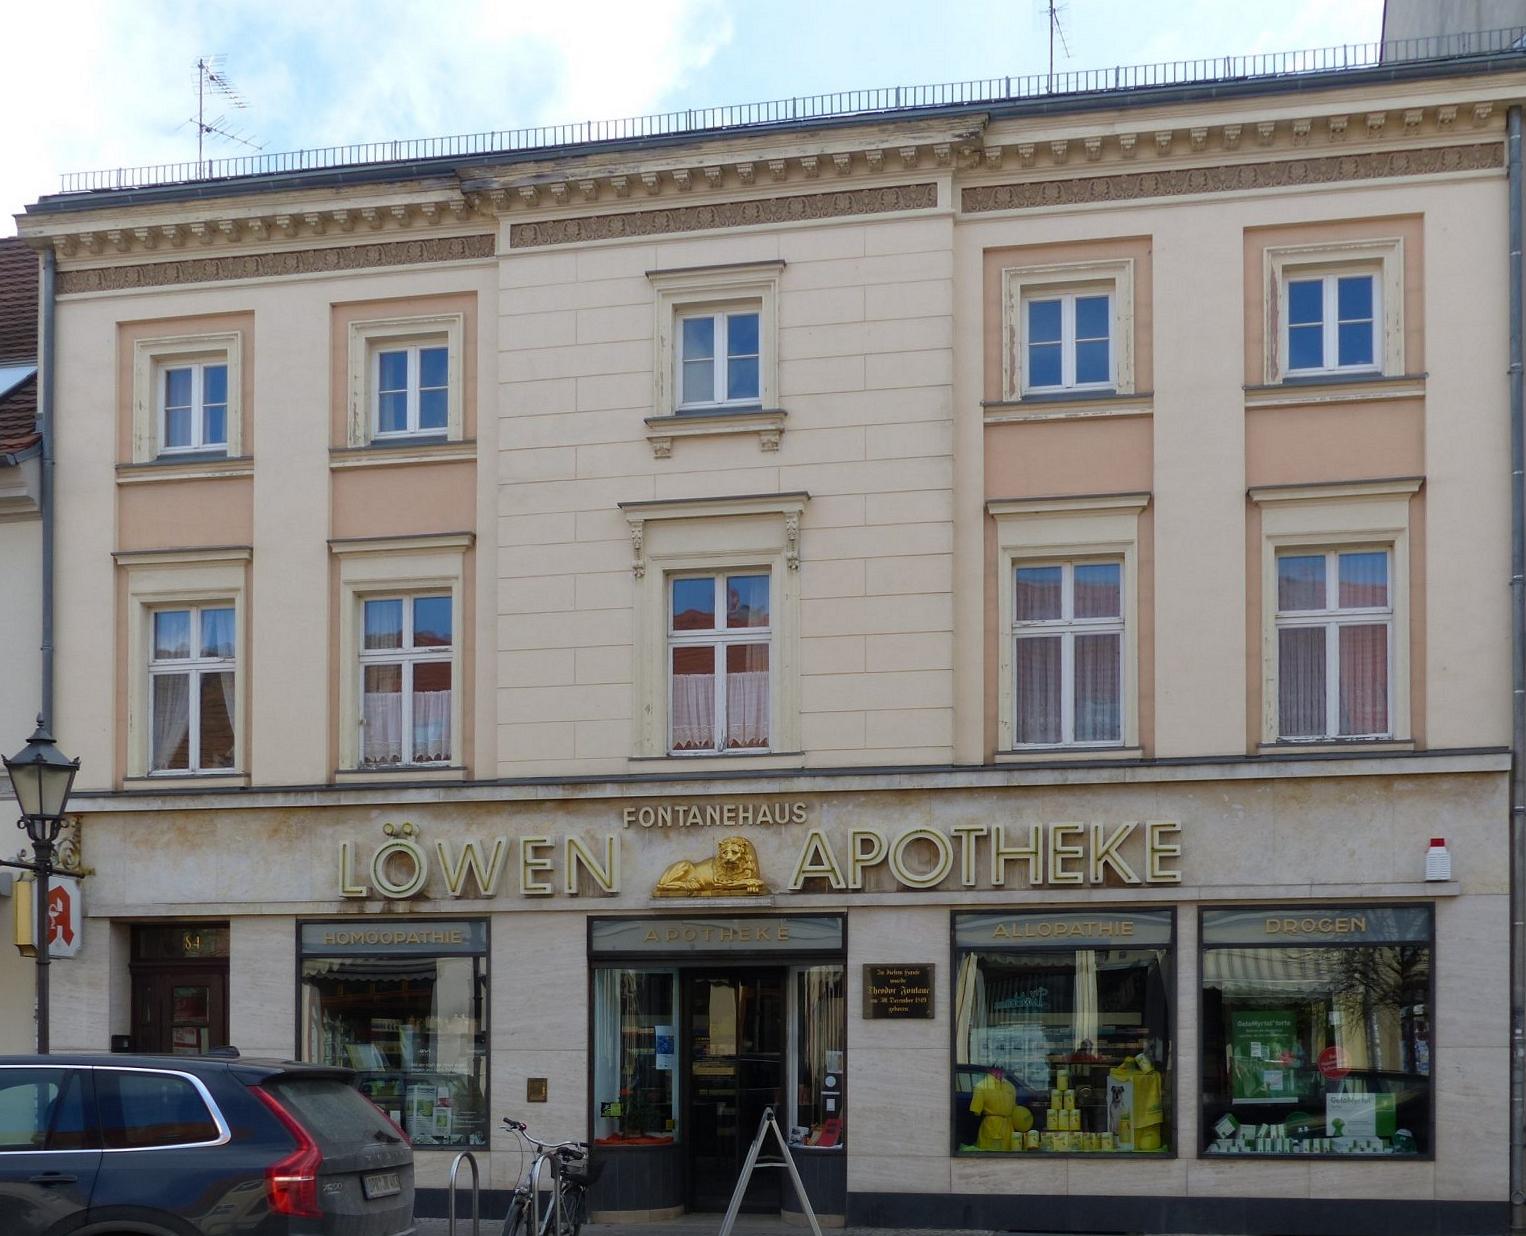 In der heutigen Karl-Marx-Straße 84 wurde Fontane geboren Foto: Weirauch